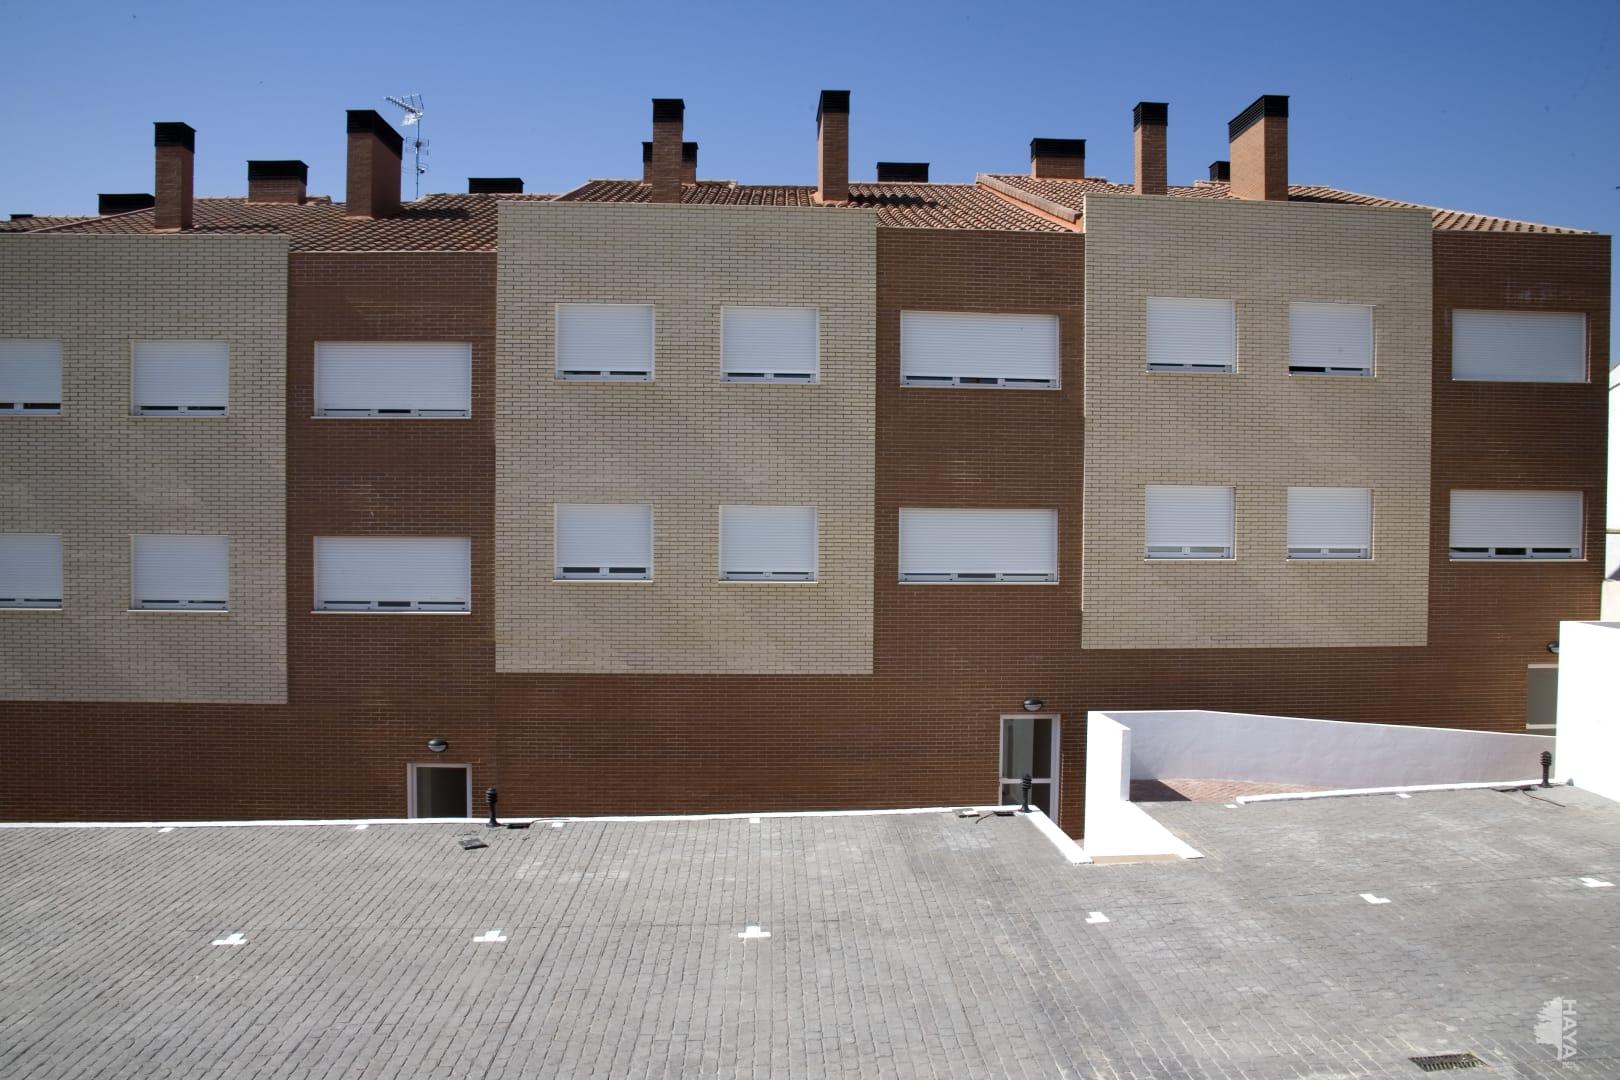 Local en venta en Chozas de Canales, Toledo, Calle Matadero, 42.300 €, 125 m2